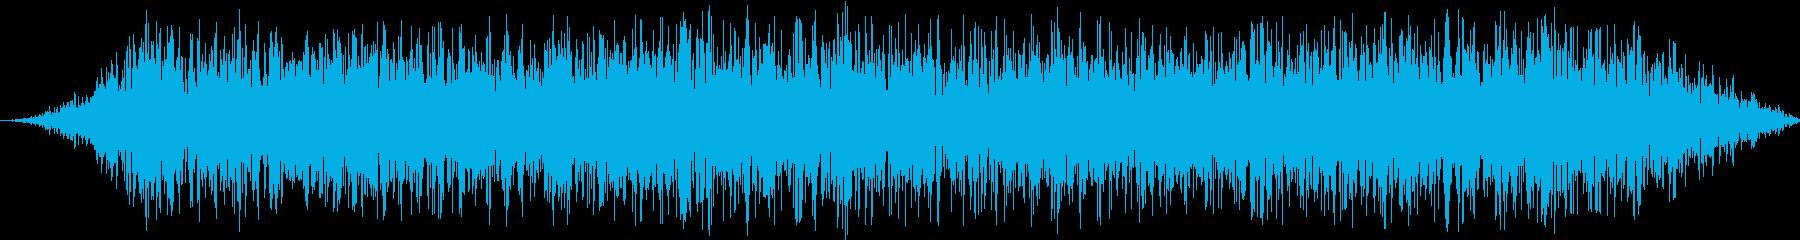 ヘビーアニマルスタンピード:一定の足跡の再生済みの波形